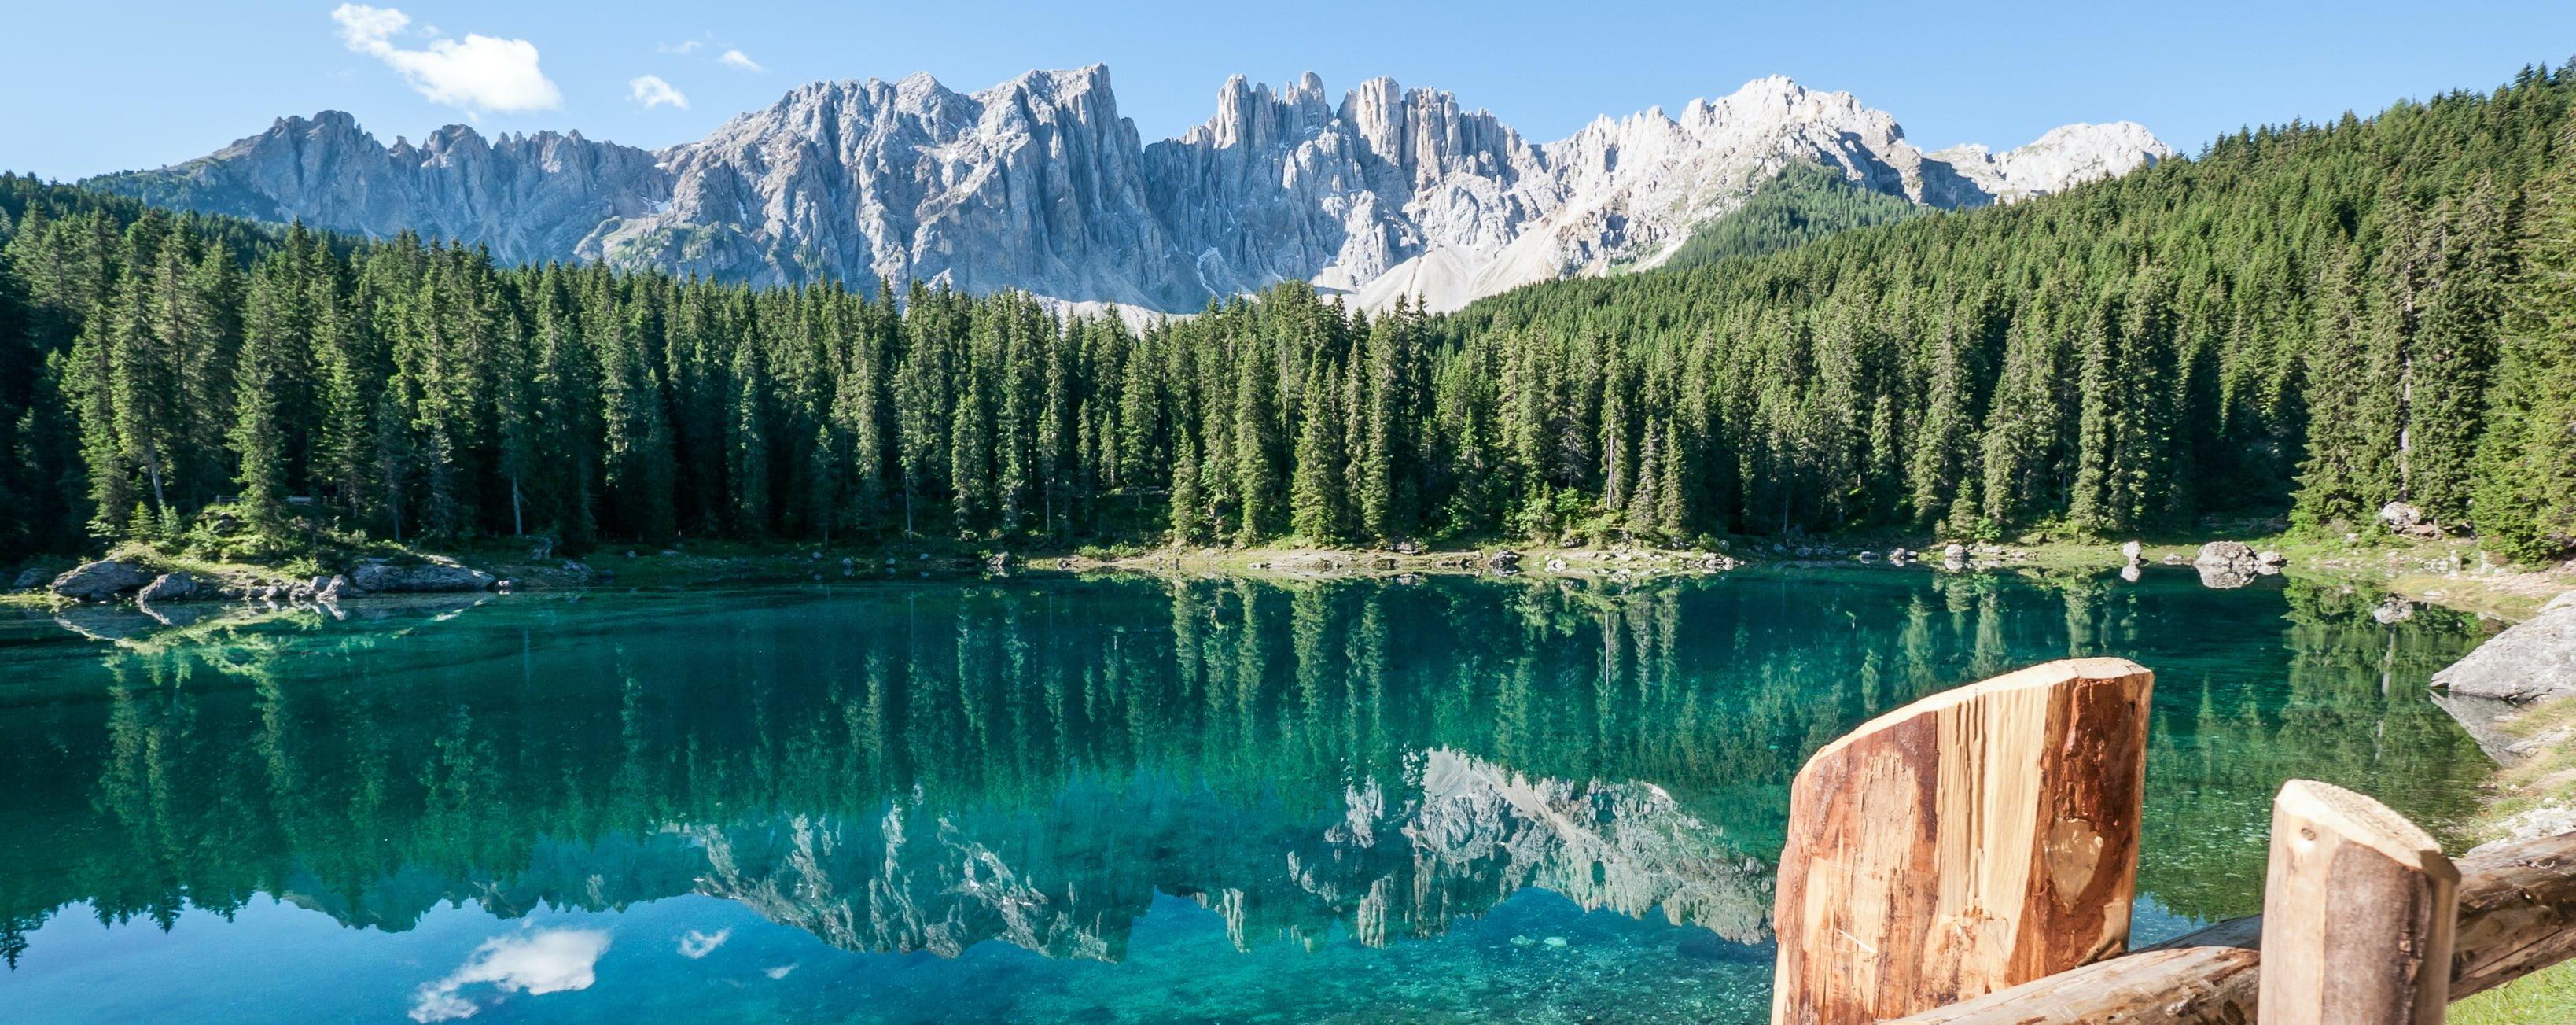 Offerte montagna Summer Viaggi Preziosi 2